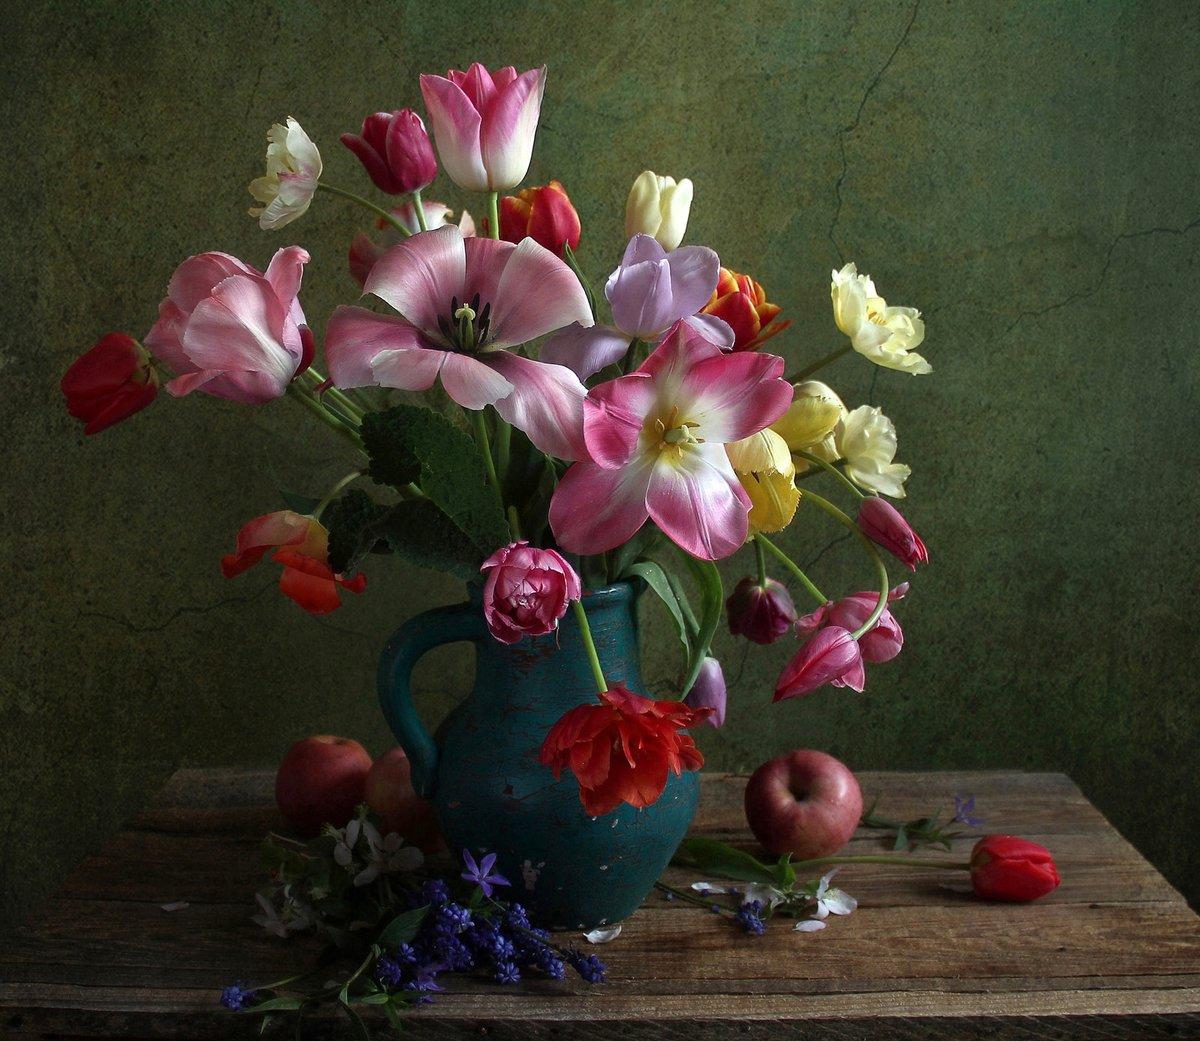 надеваете смотреть картинки цветы натюрморт любимых мужчинах анна